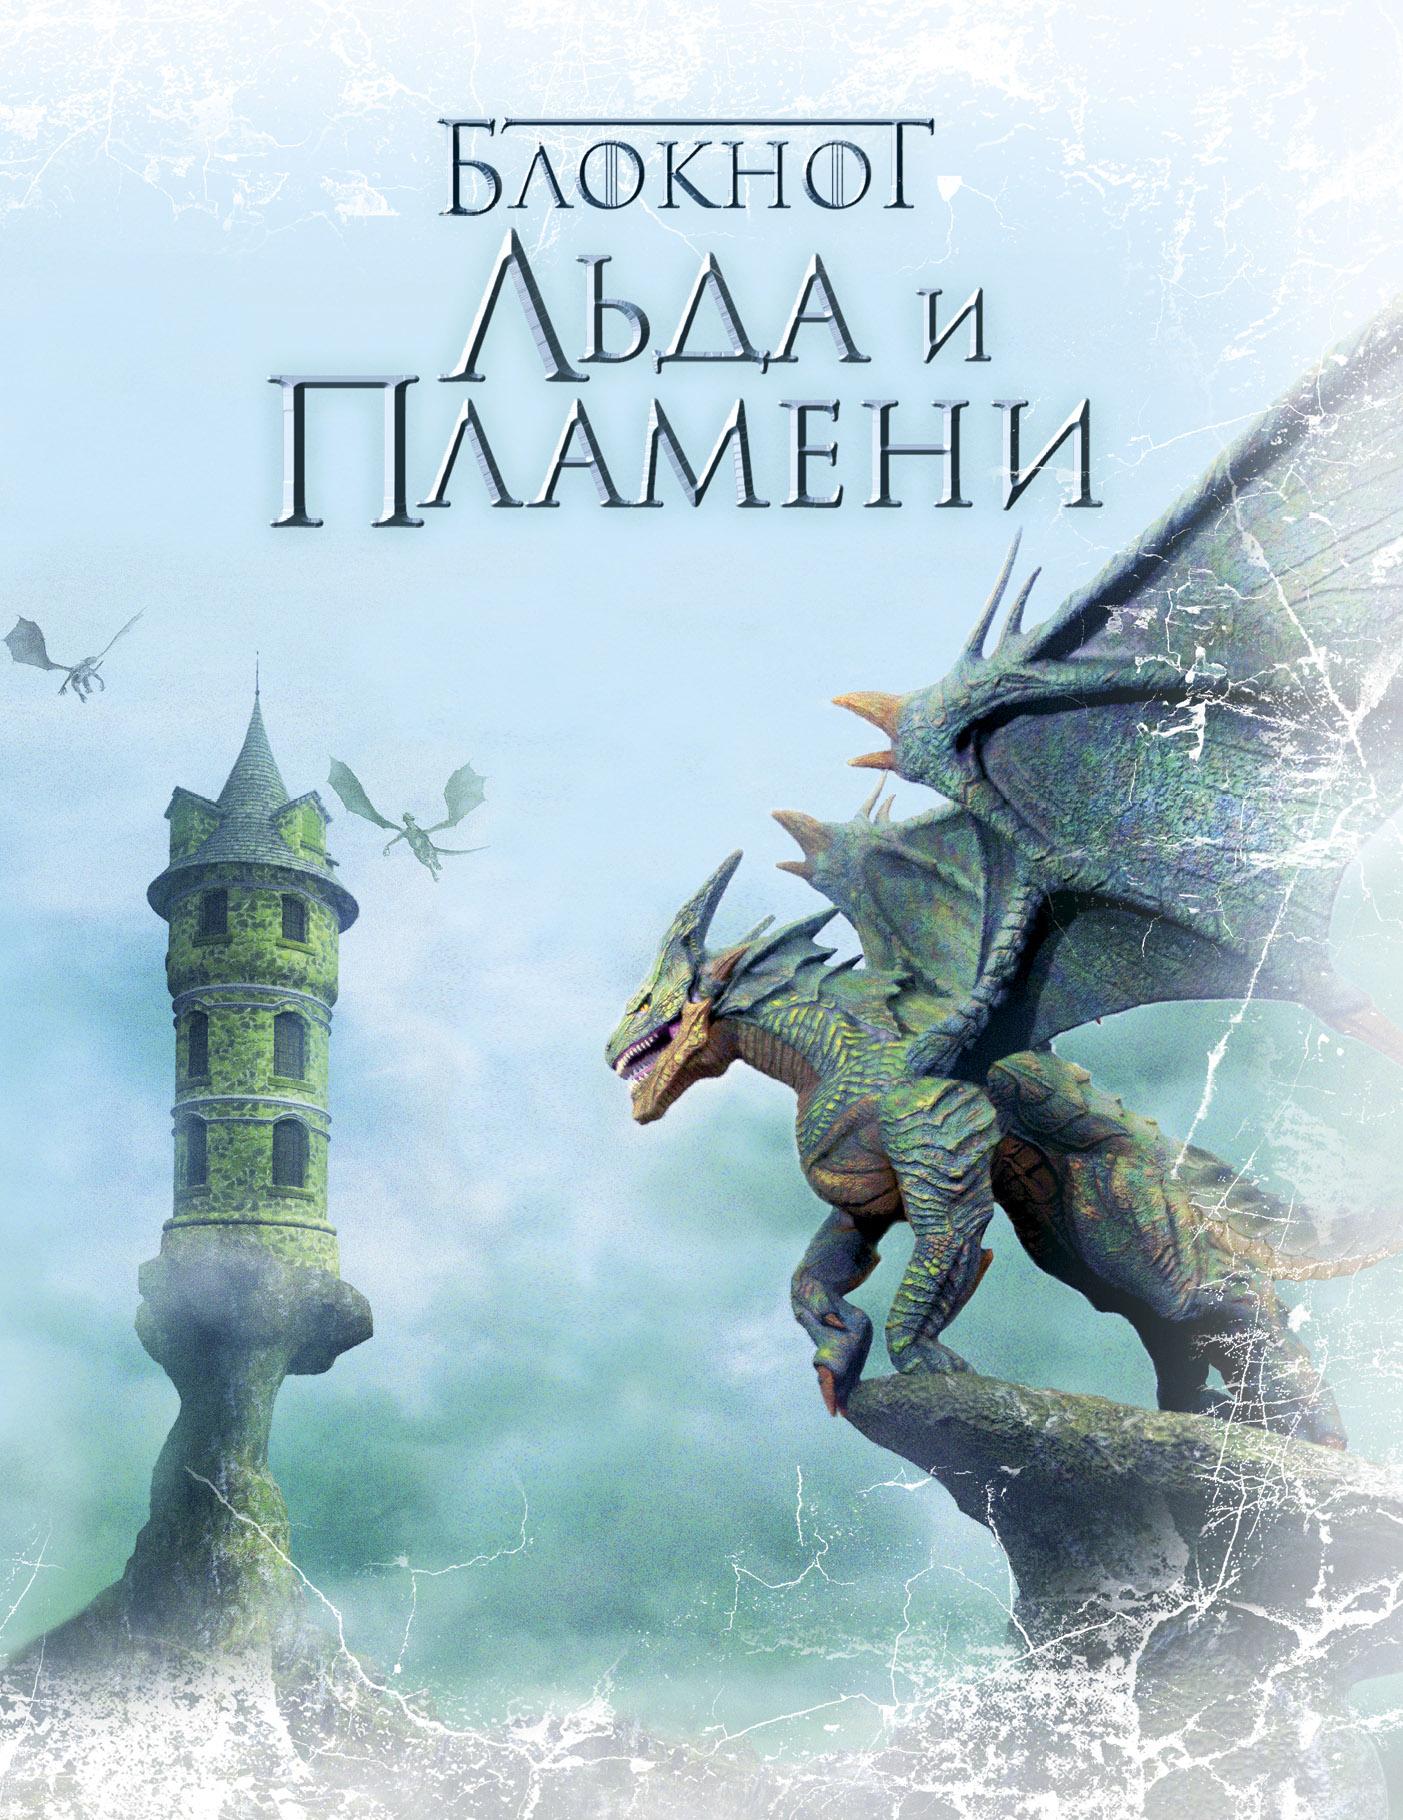 Блокнот Льда и Пламени (Дракон)